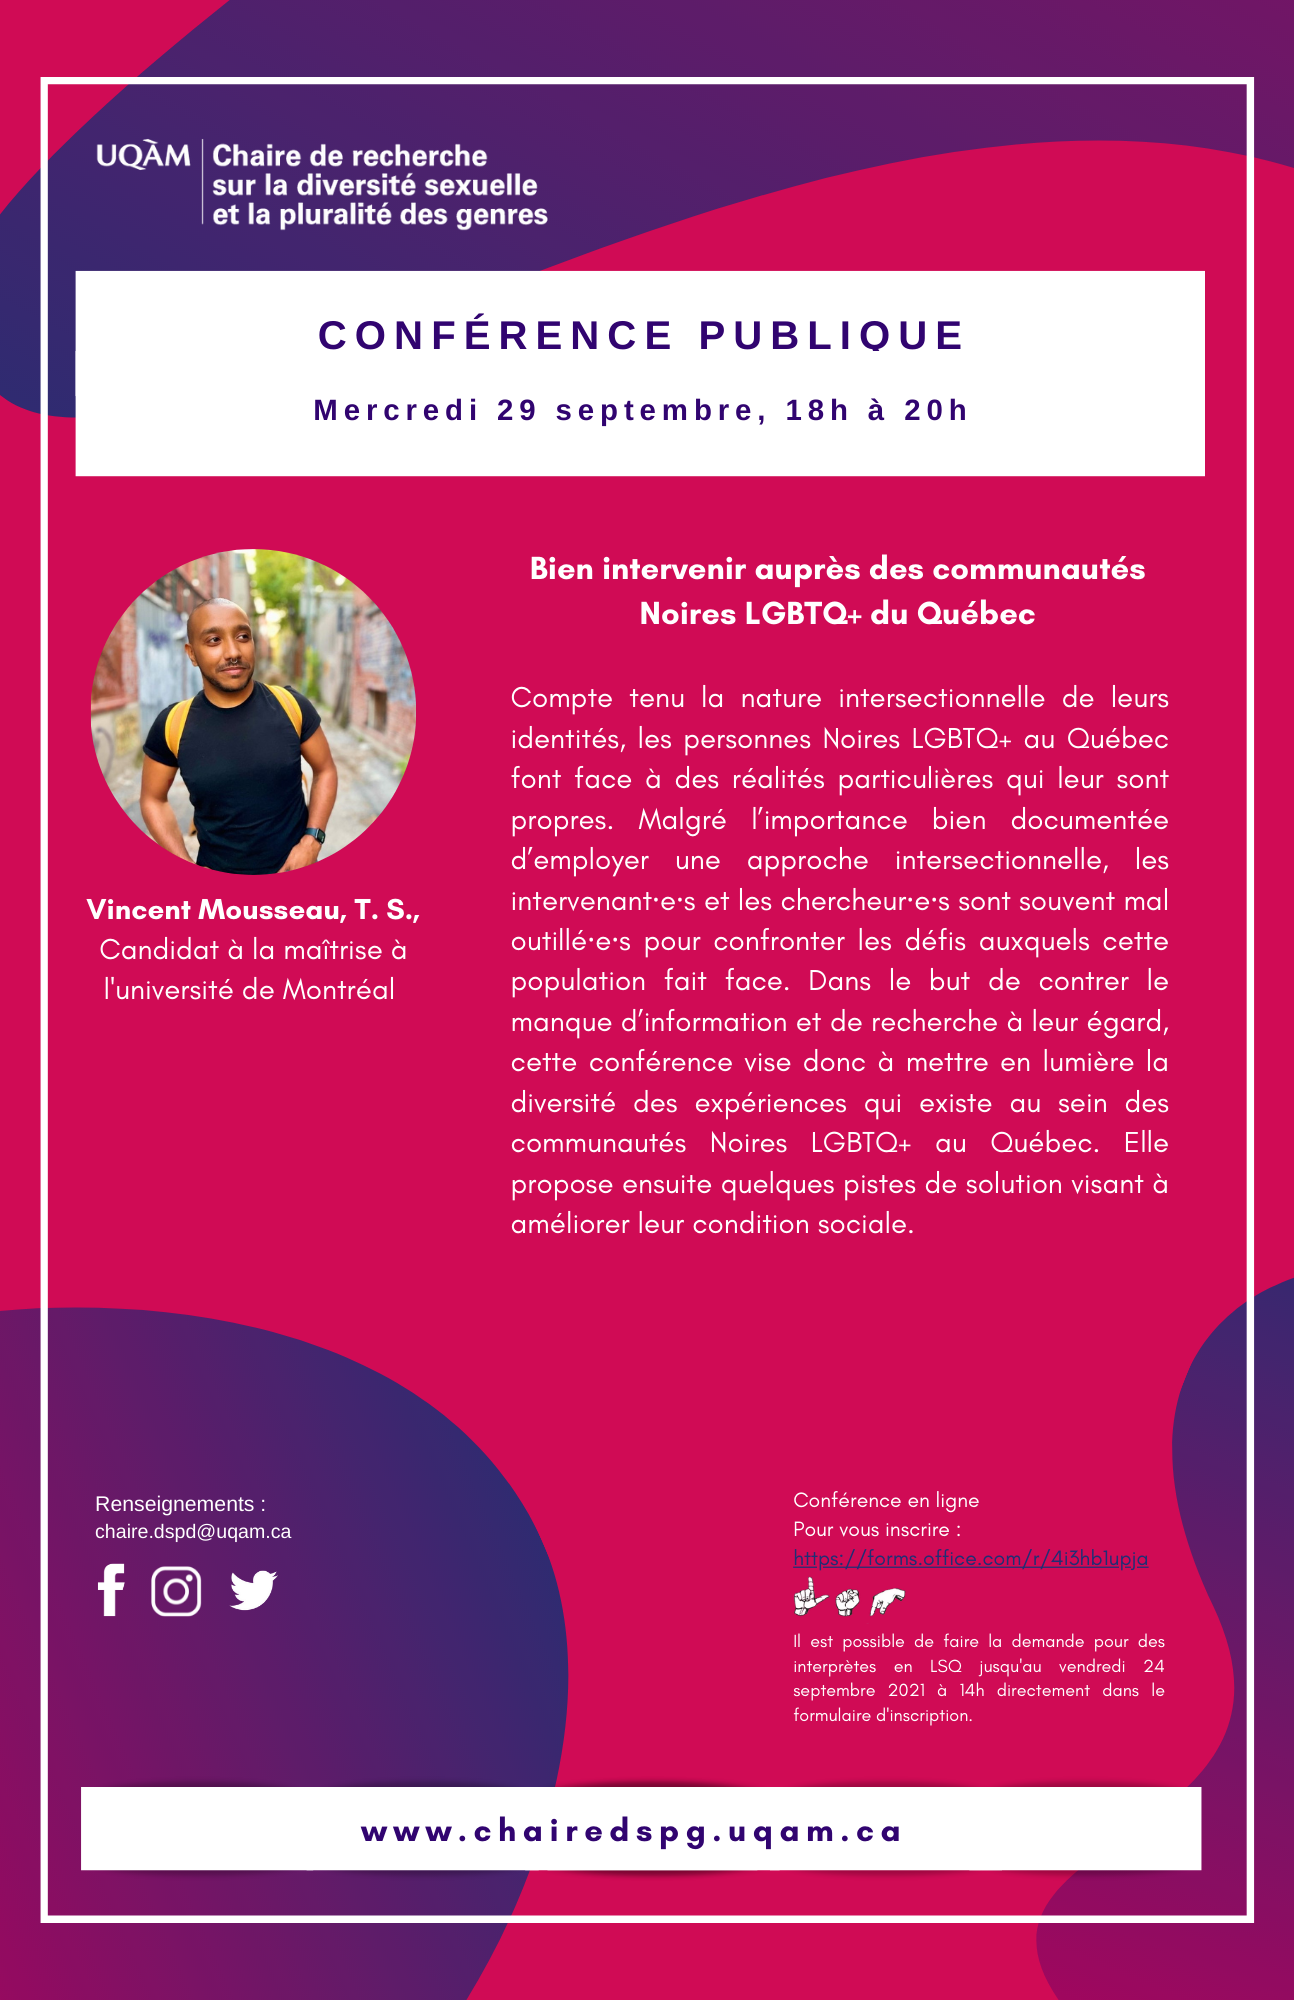 Conférence publique   Bien intervenir auprès des communautés Noires LGBTQ+ du Québec